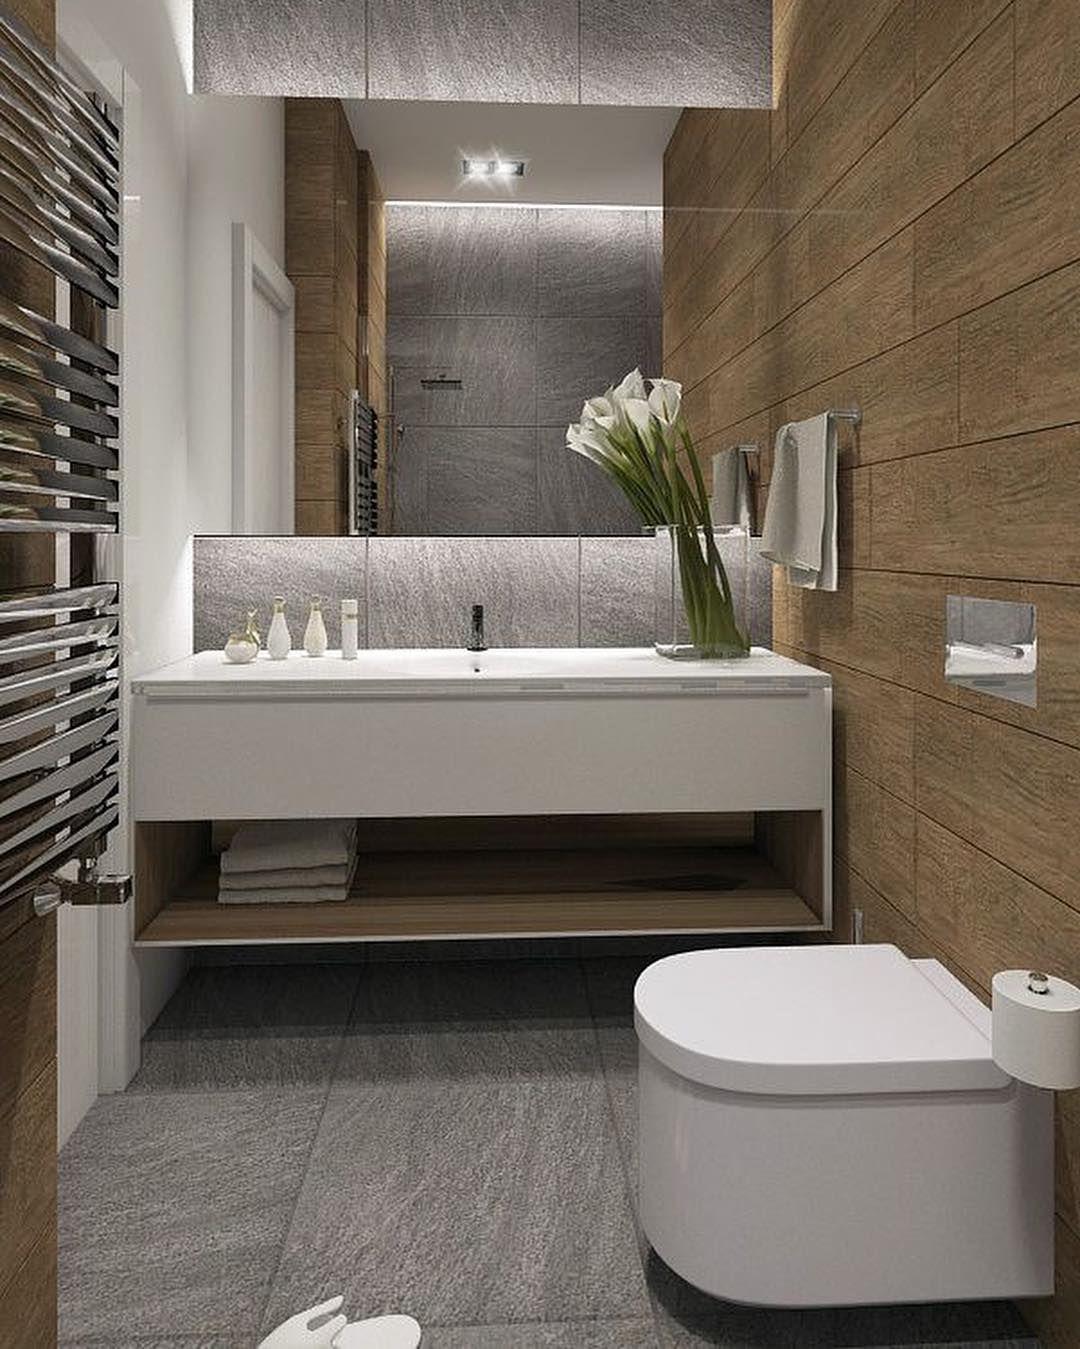 Spezielle Designvorschlage Fur Sie Weitere Luxuriose Badezimmer Design Details Archdai Toilette Design Modernes Badezimmerdesign Badezimmereinrichtung